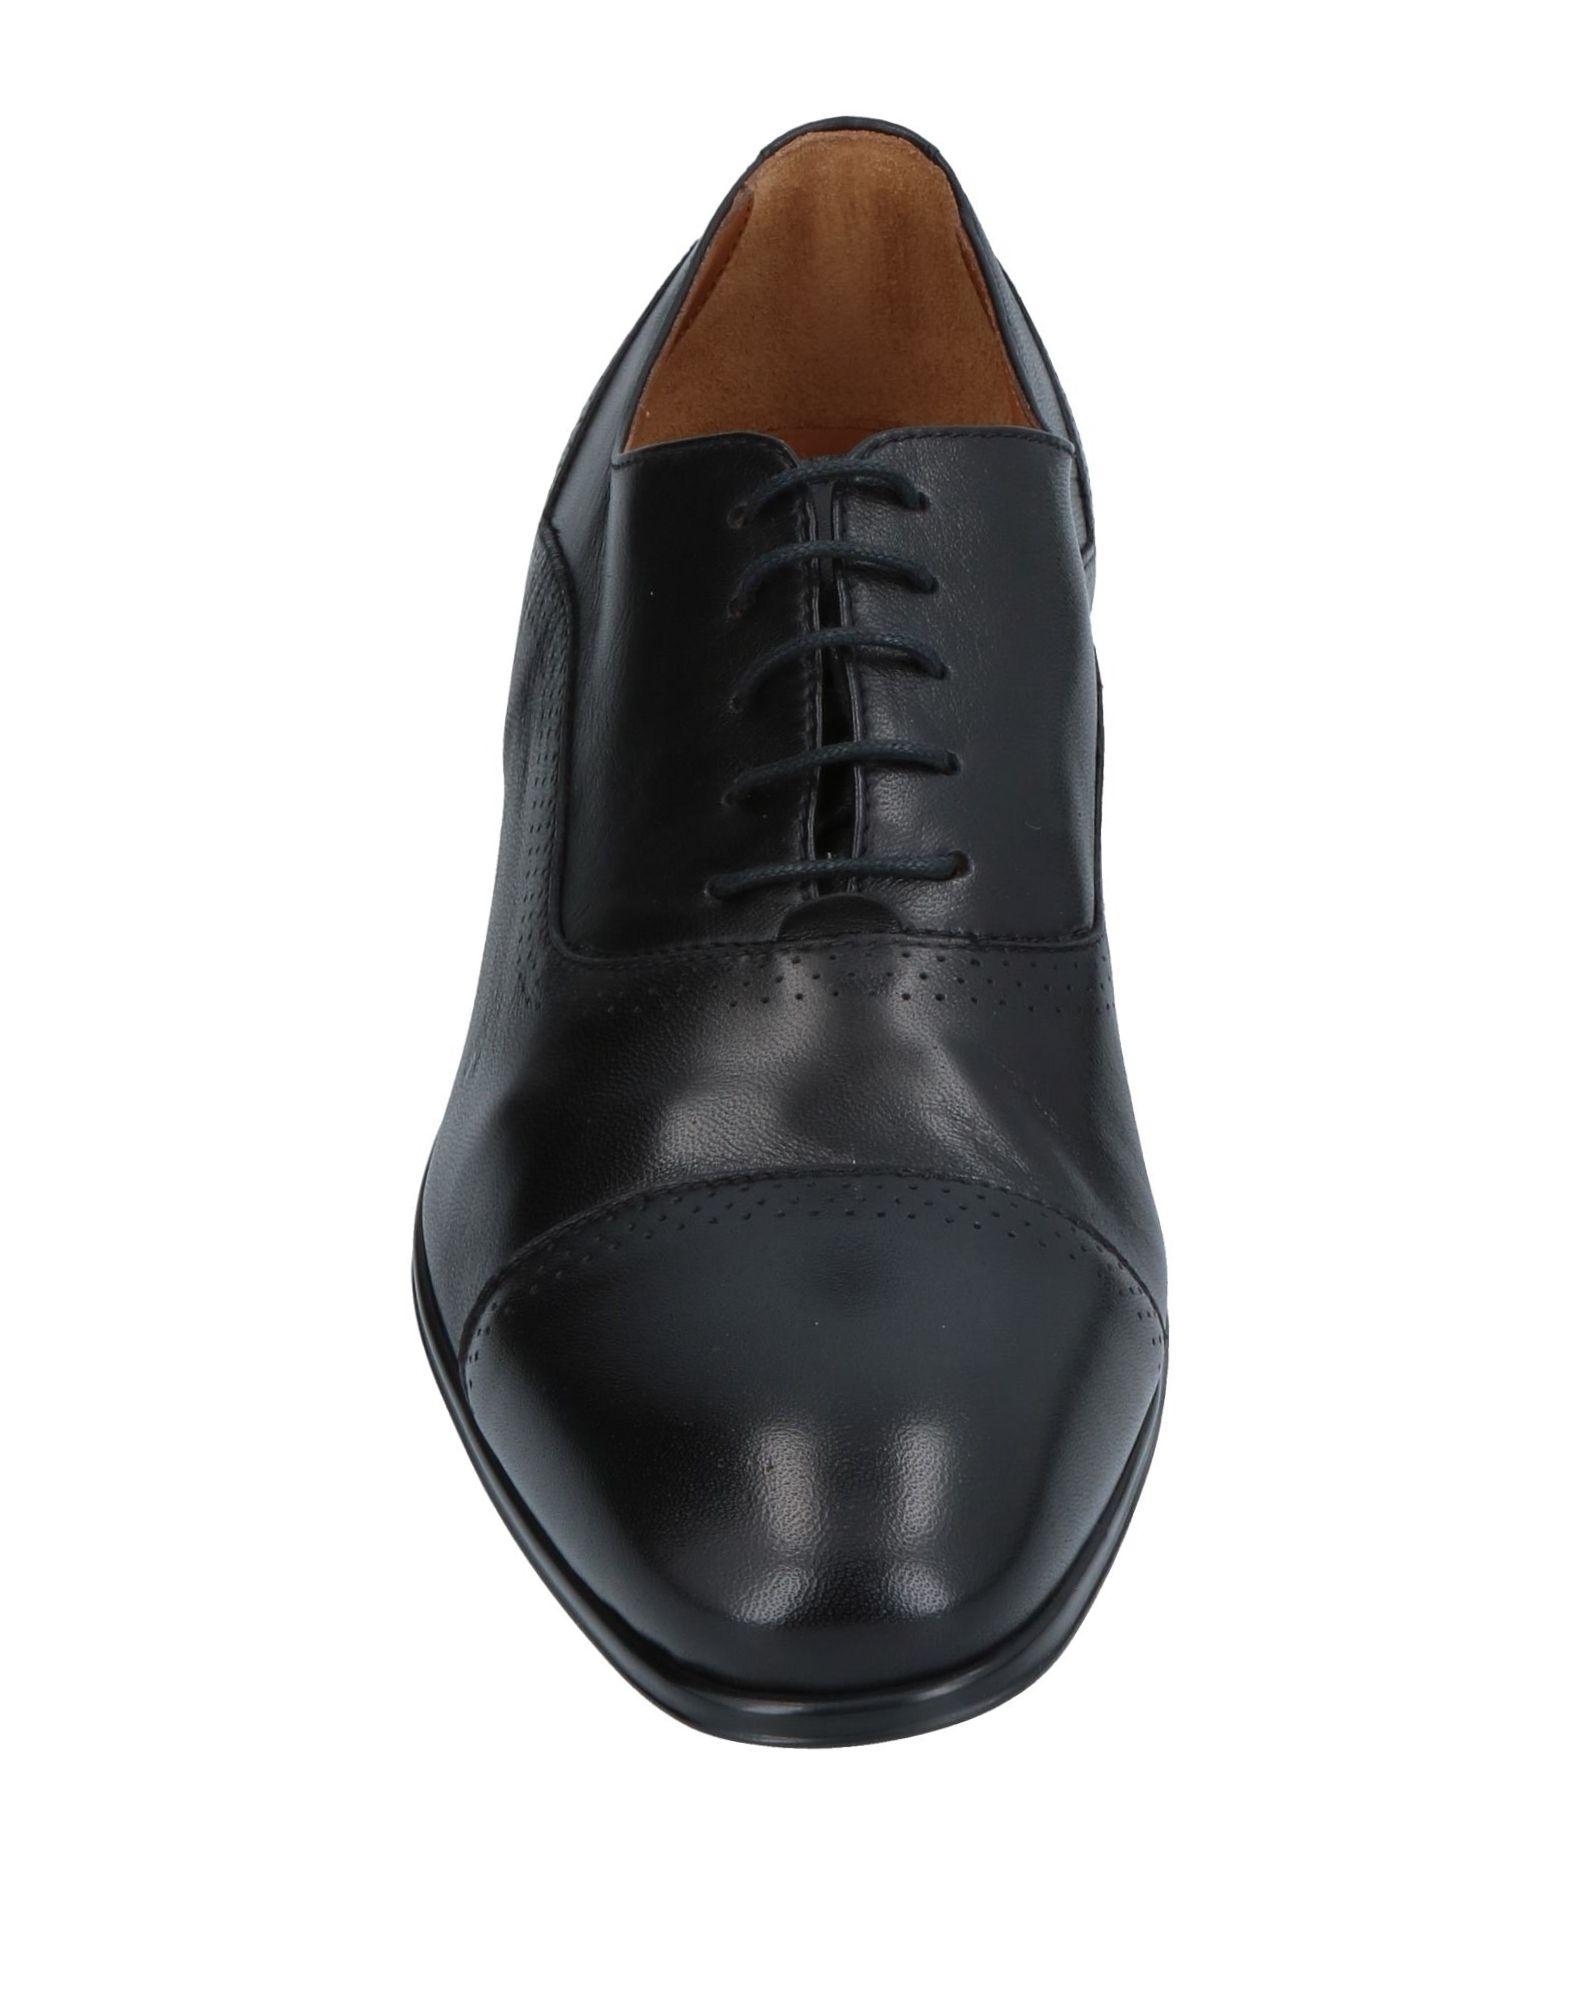 Doucal's Schnürschuhe Herren Heiße  11404747AV Heiße Herren Schuhe 7825b5